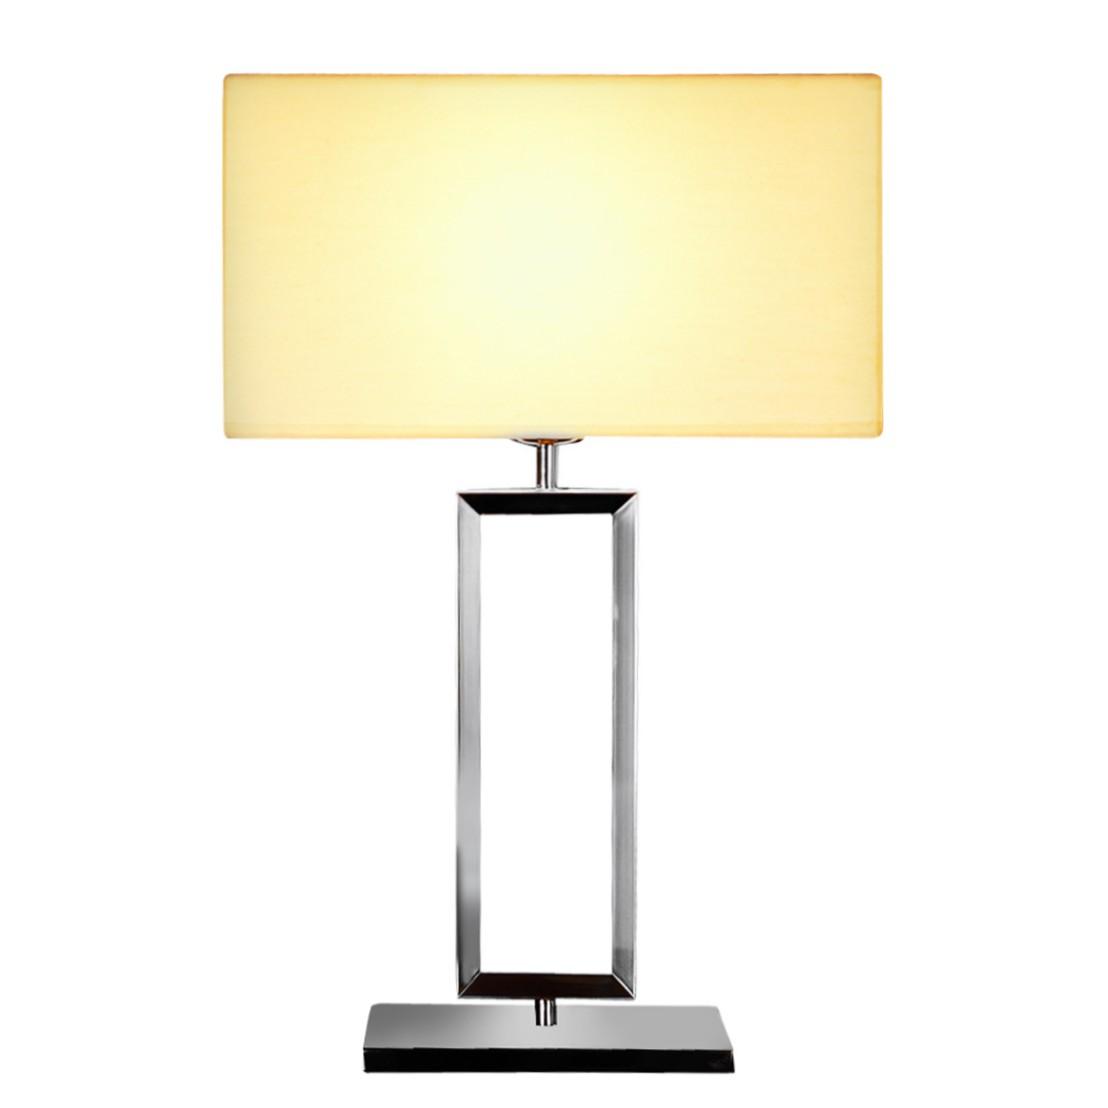 tischleuchte touchdimmer edelstahl preisvergleich die. Black Bedroom Furniture Sets. Home Design Ideas